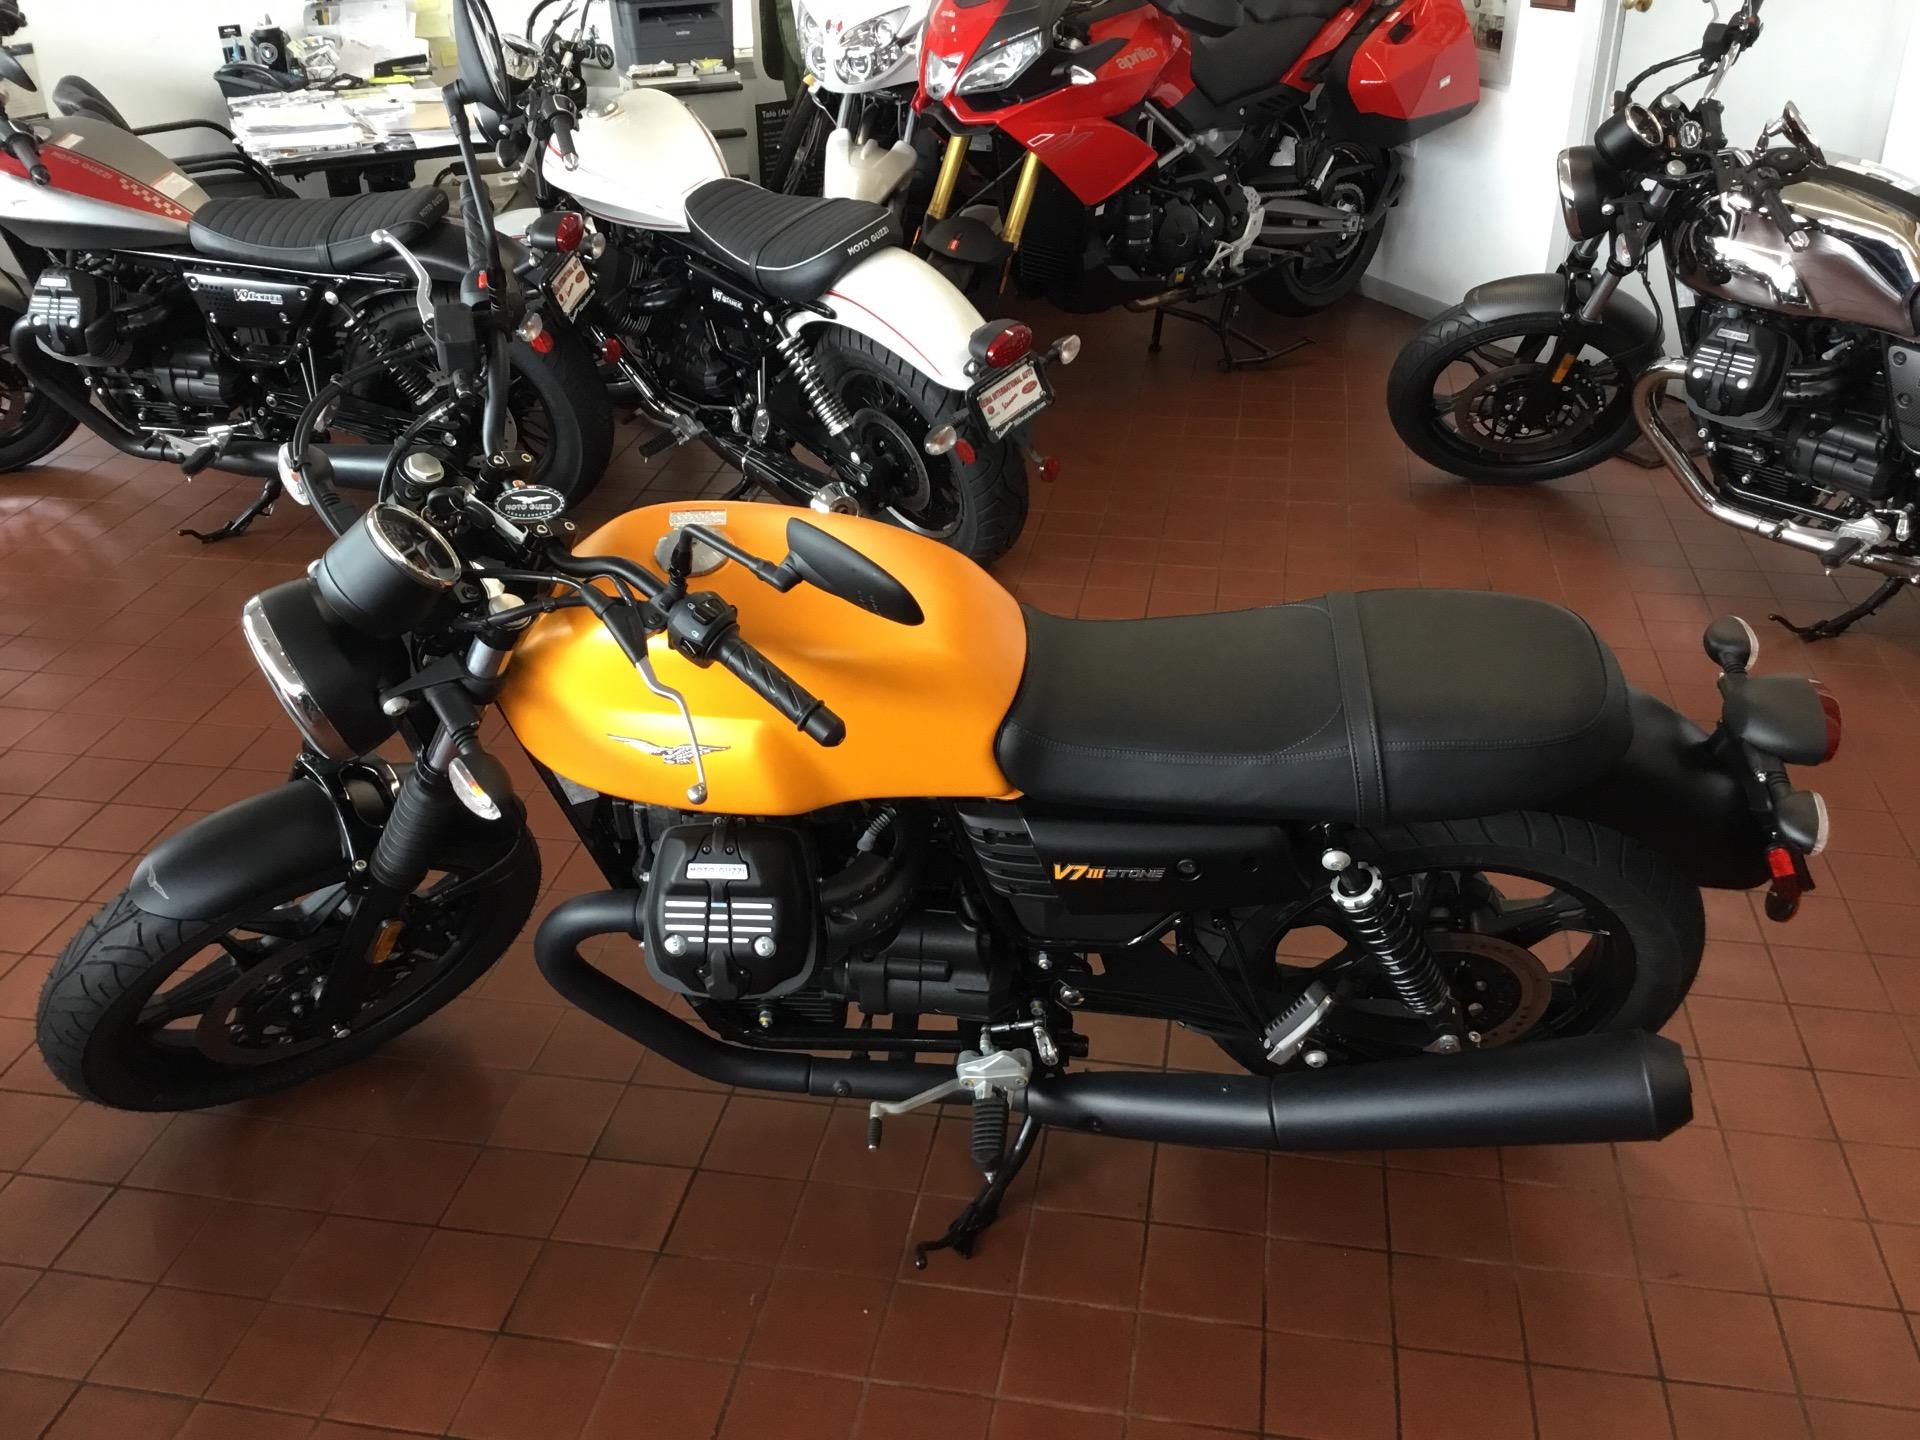 New-2018-Moto-Guzzi-V7-III-Stone